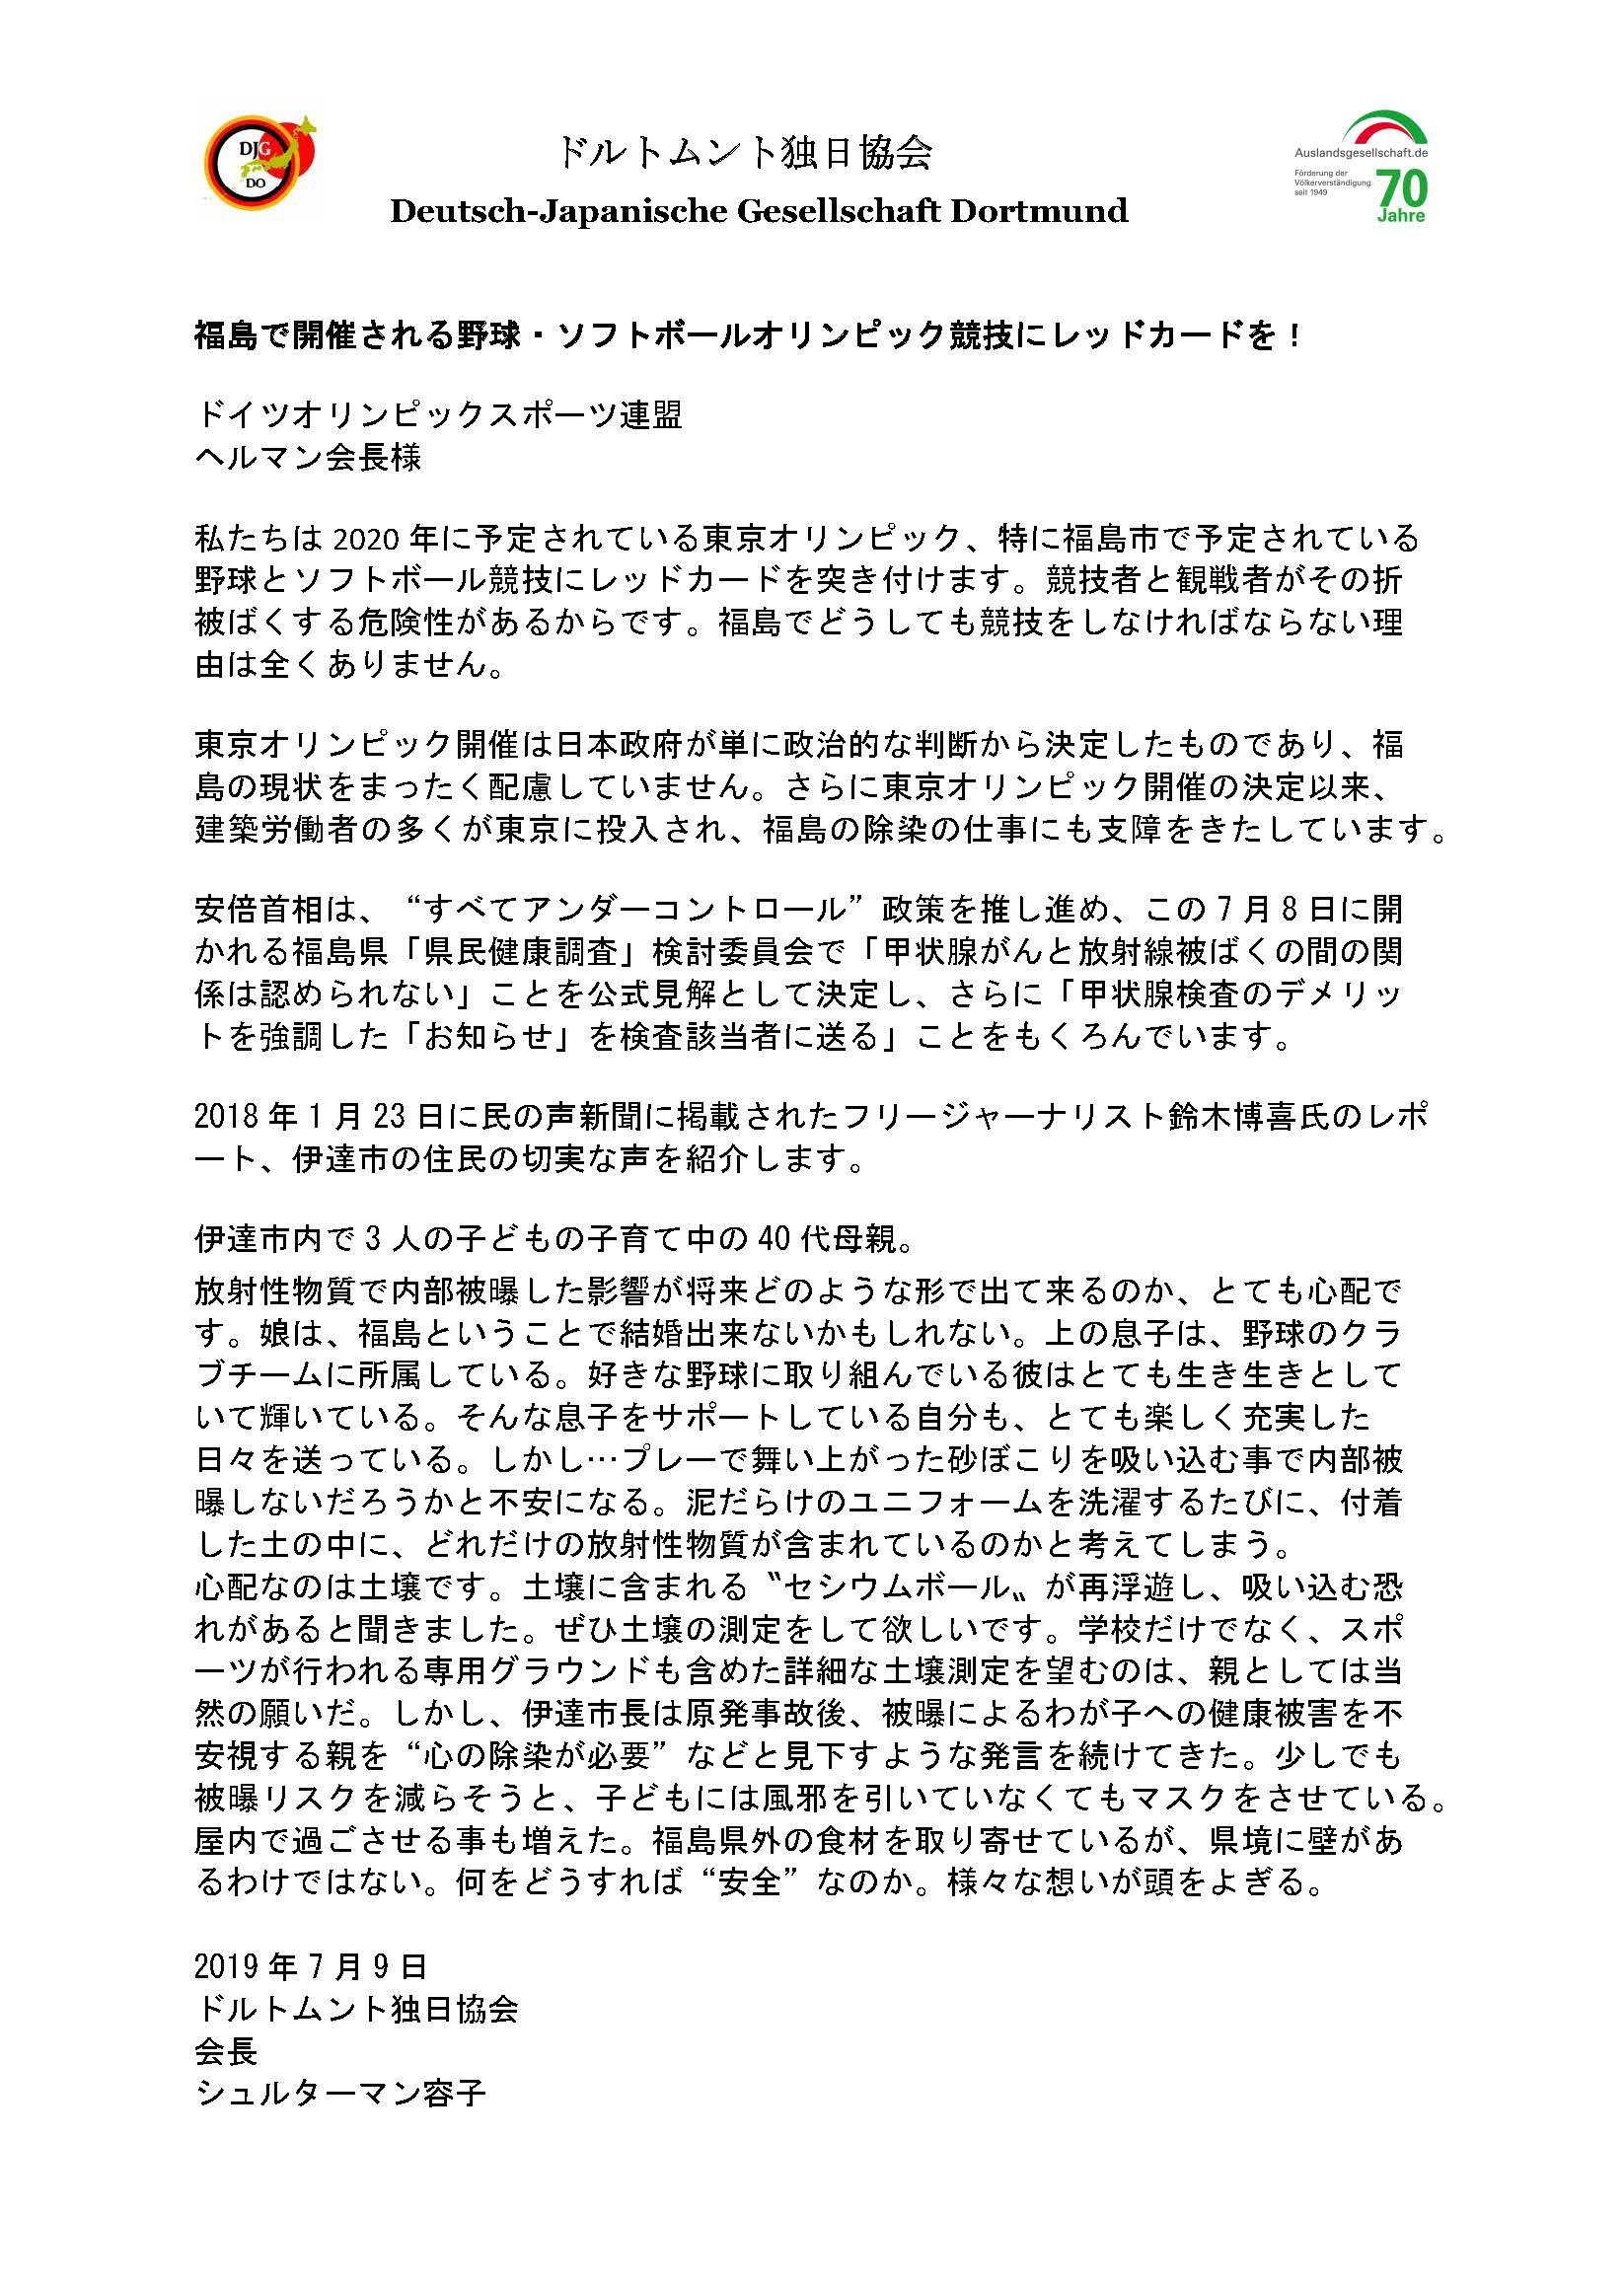 「放射能五輪2020」 ドルトムント日仏協会 「福島で開催される野球・ソフトボールオリンピック競技にレッドカードを!